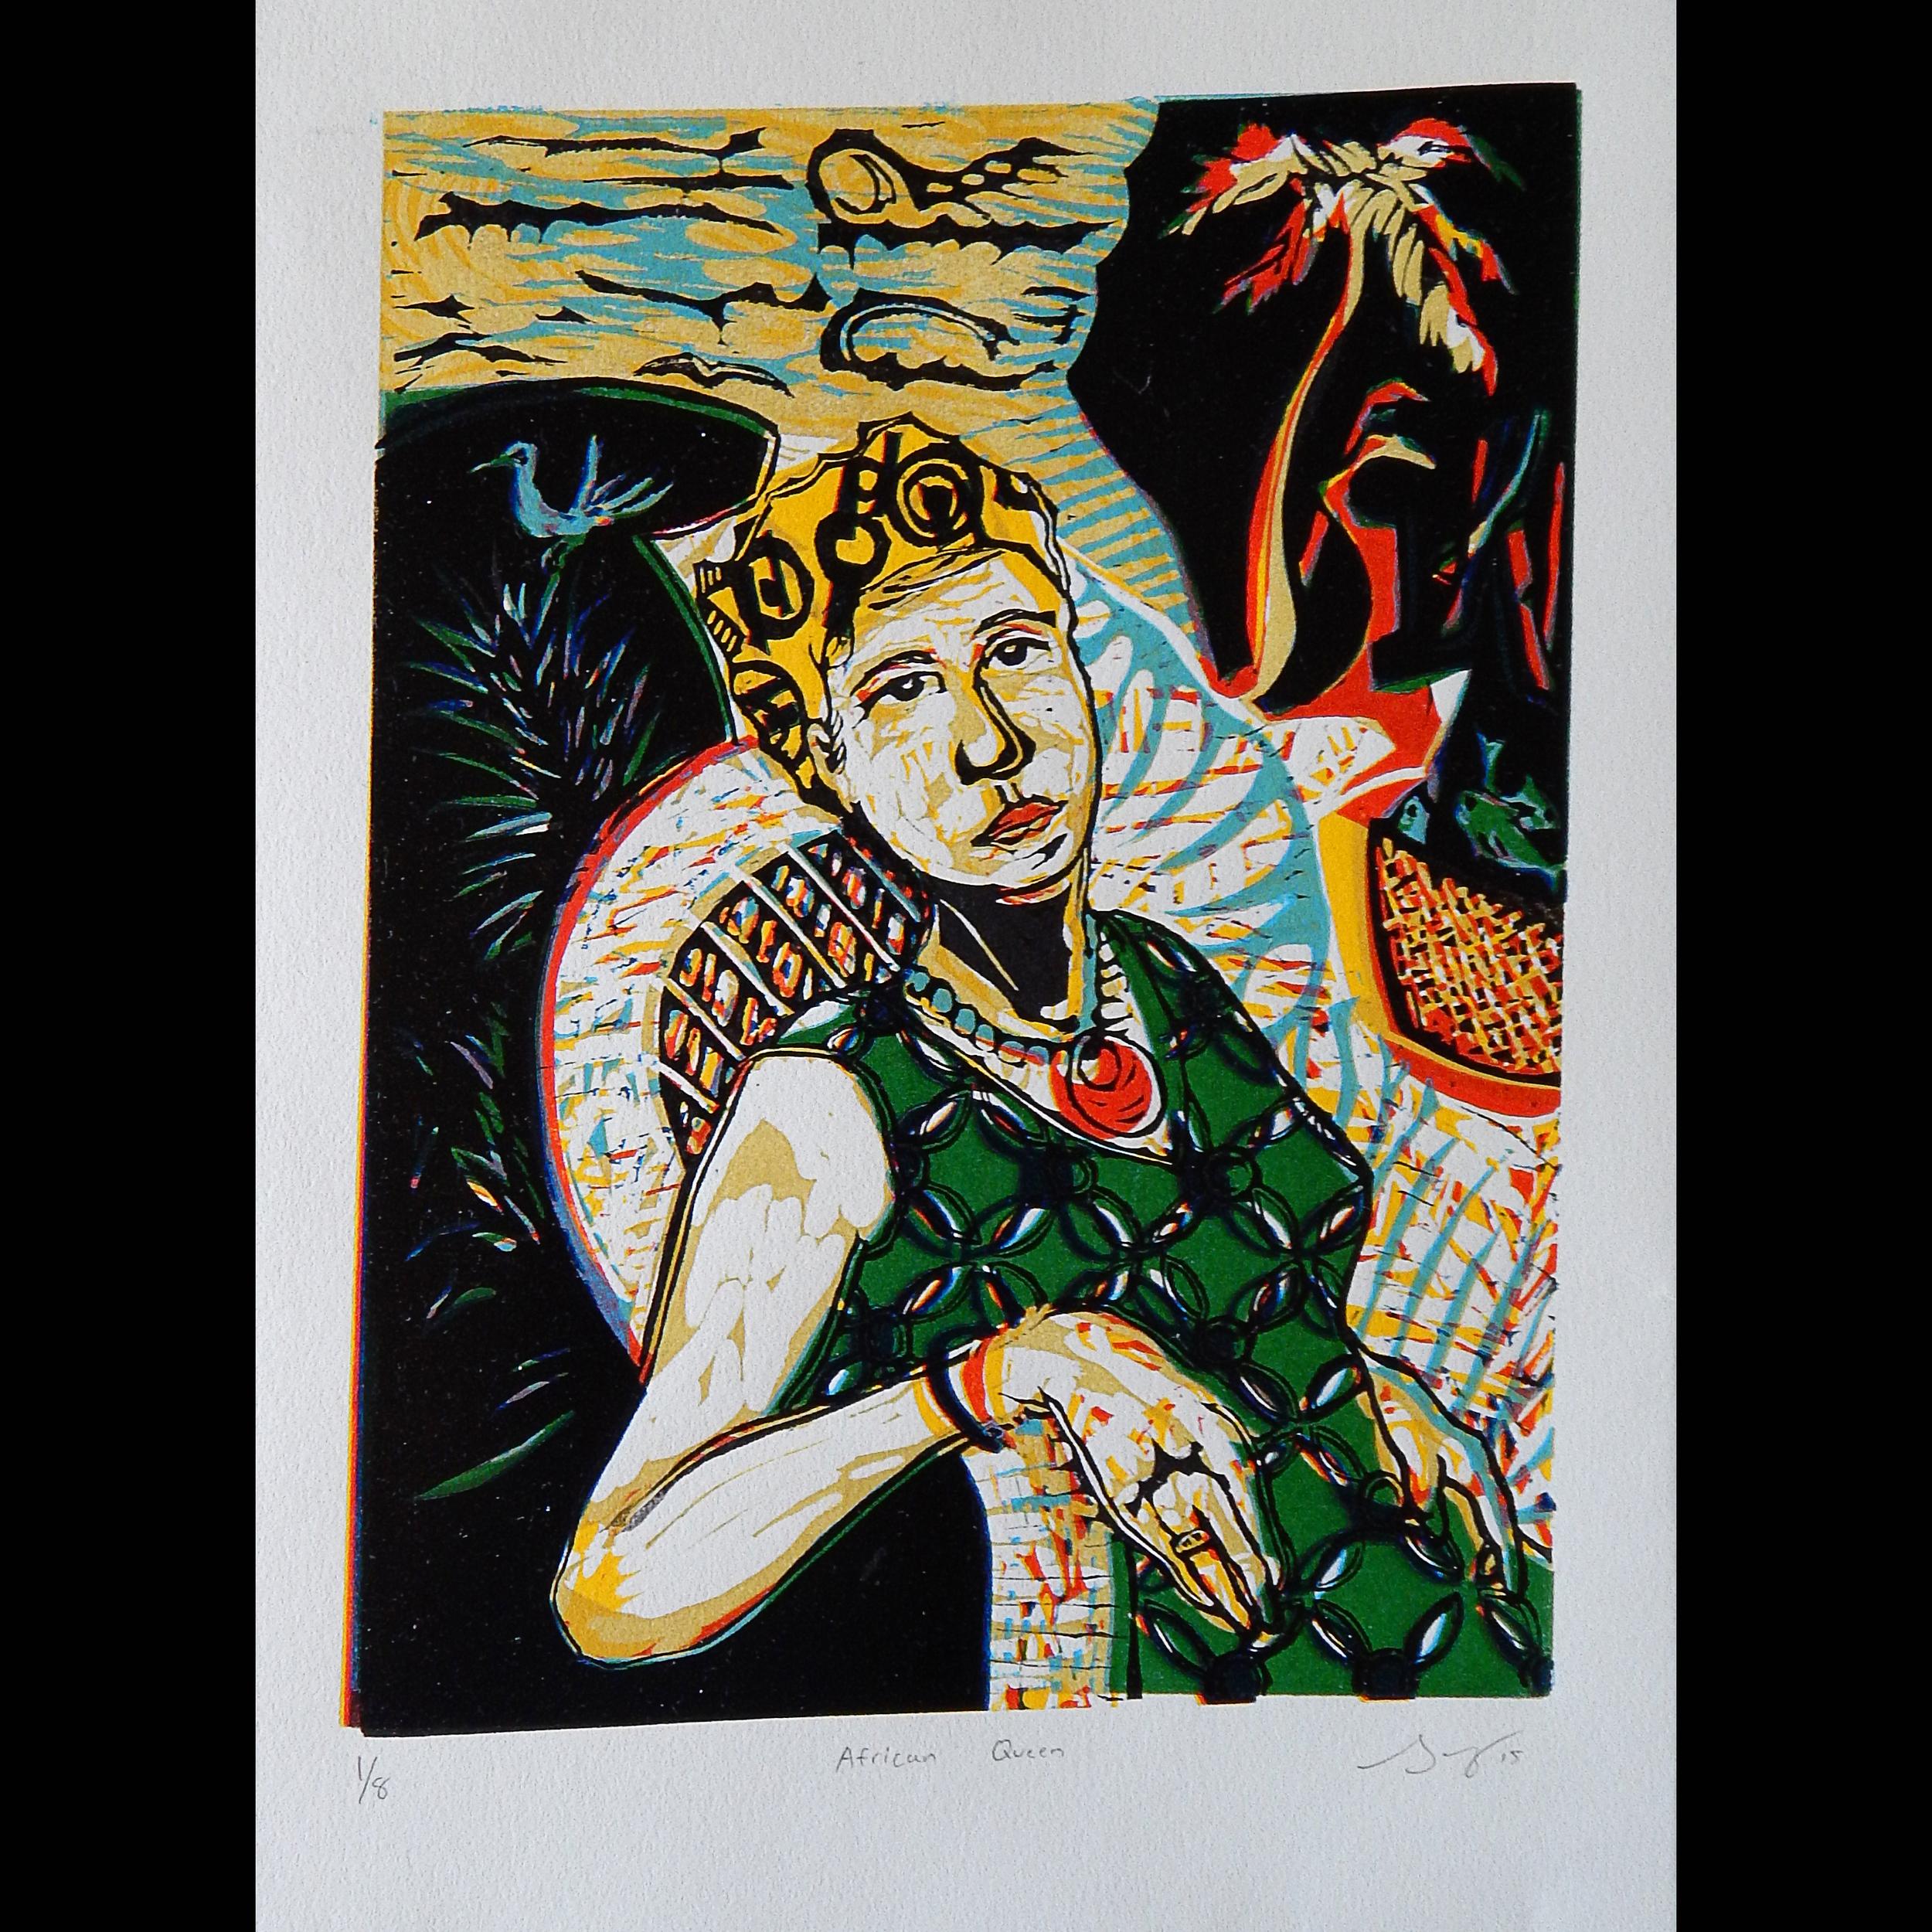 African Queen, Reduction Cut Linoleum, 9x12